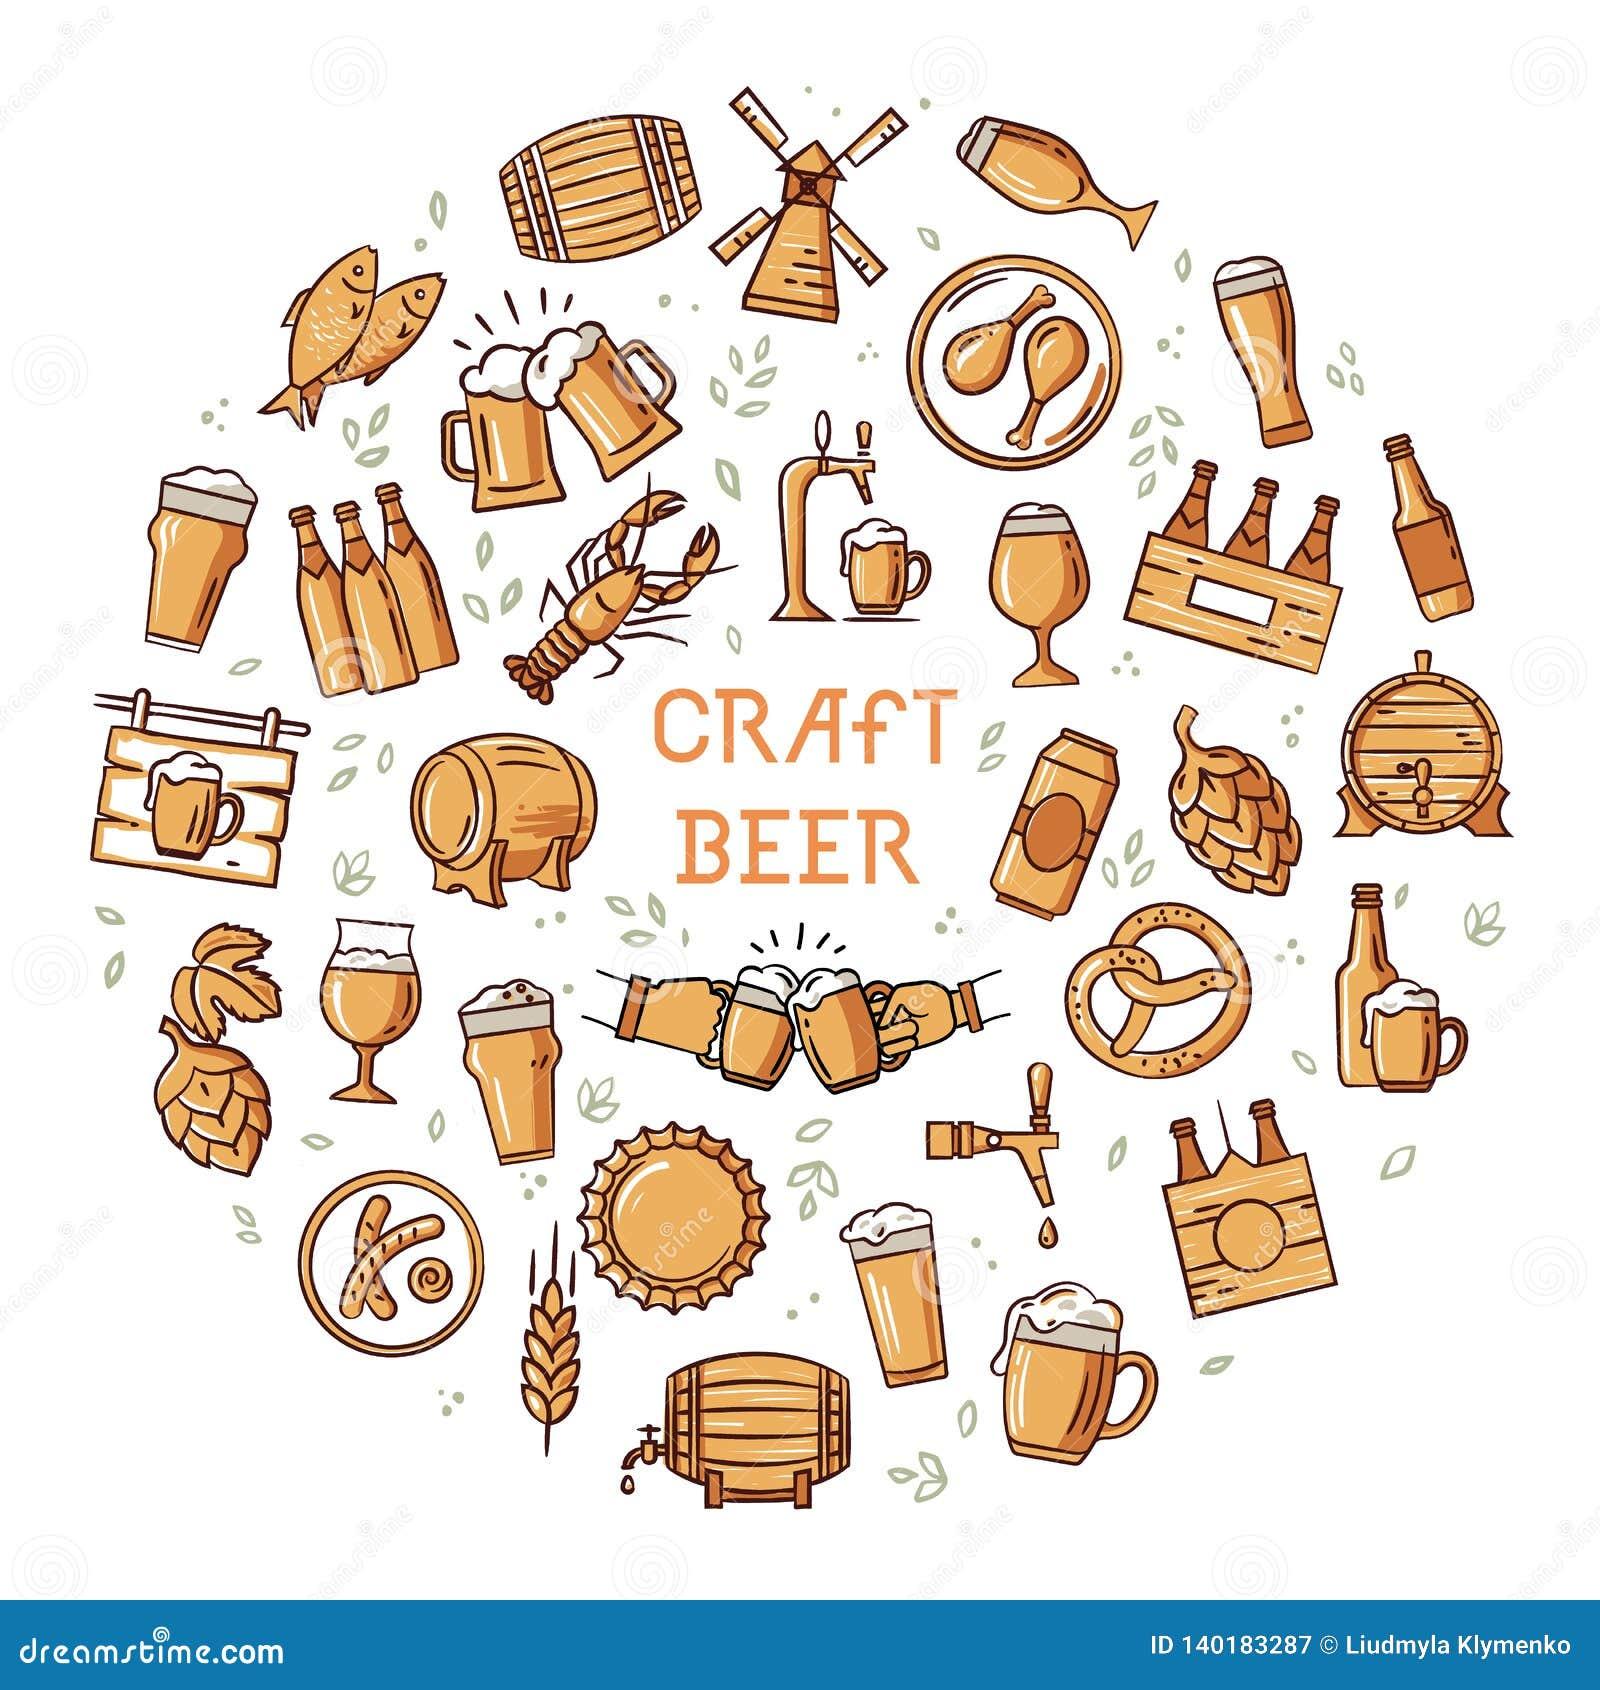 Een grote reeks kleurrijke pictogrammen op het onderwerp van bier, zijn productie en gebruik in formaat